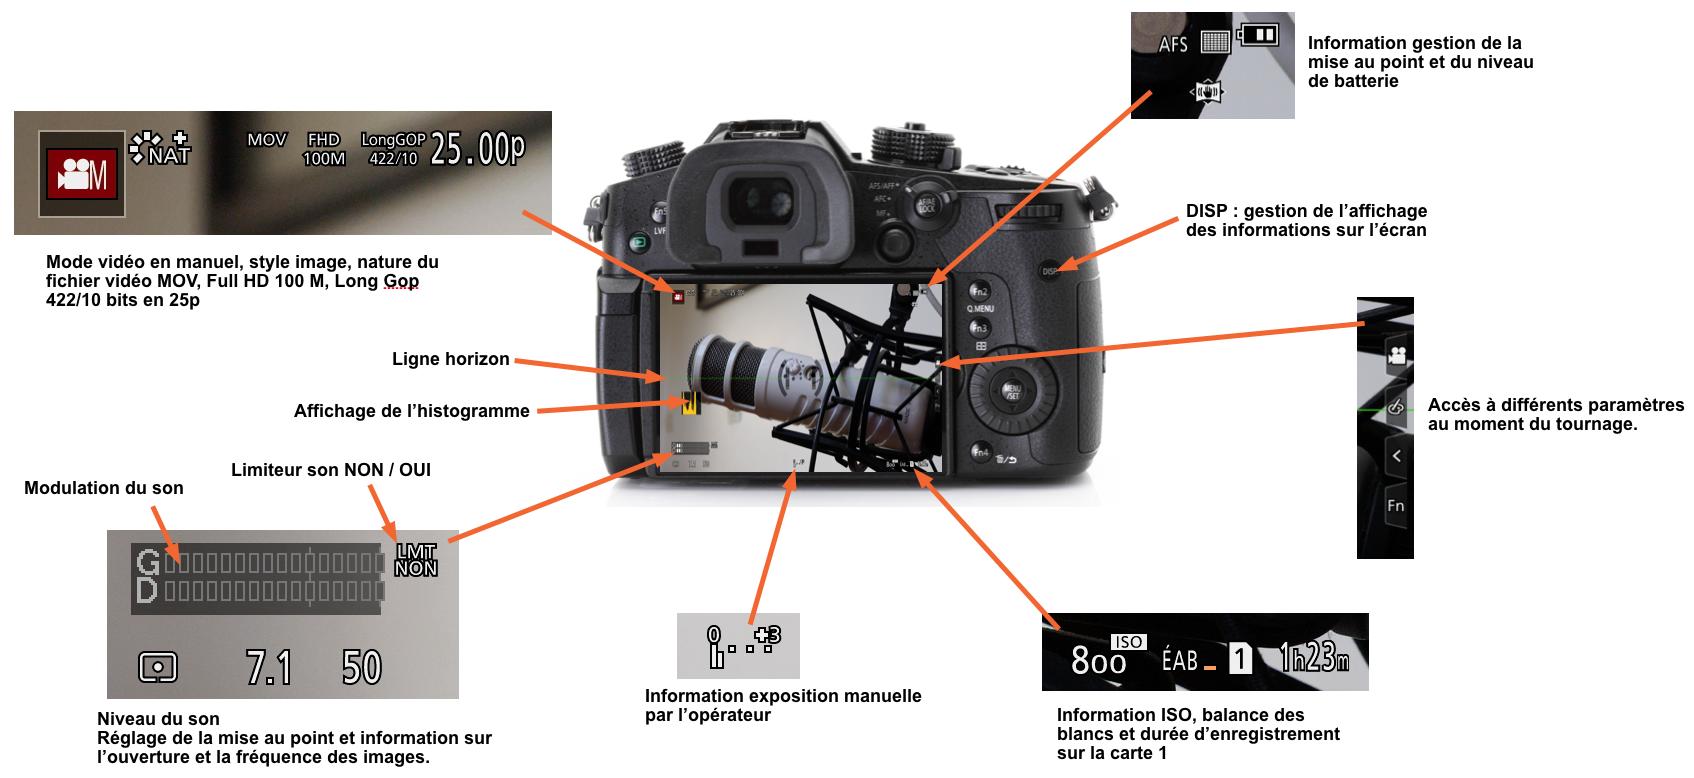 Gestion de l'affichage de l'écran du Panasonic GH5